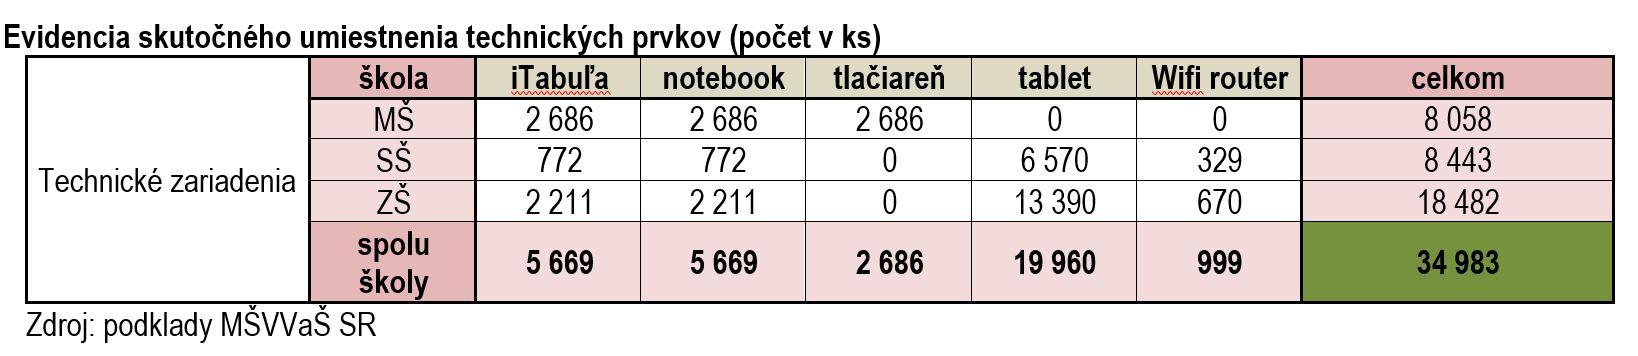 tabuľka - počty IT zariadení dodané pre školy v rámci projektu